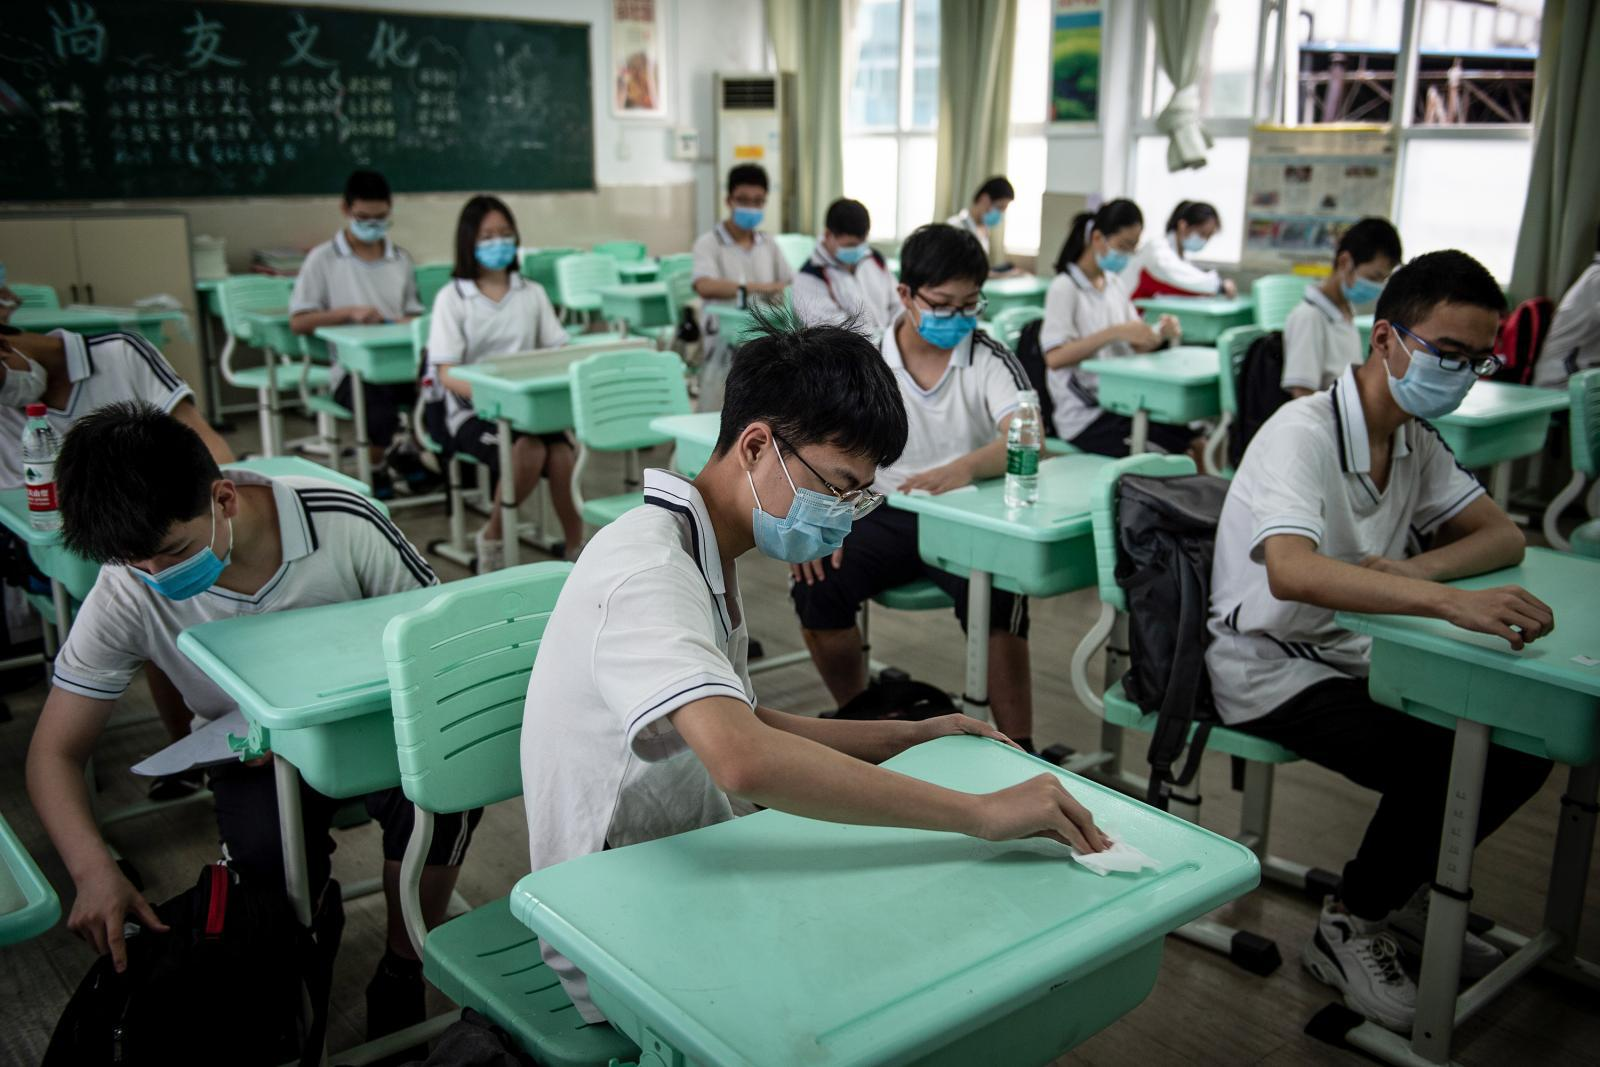 เด็กนักเรียนในจีนฆ่าตัวตายมากขึ้น หลังปลดล็อกดาวน์โควิด-19